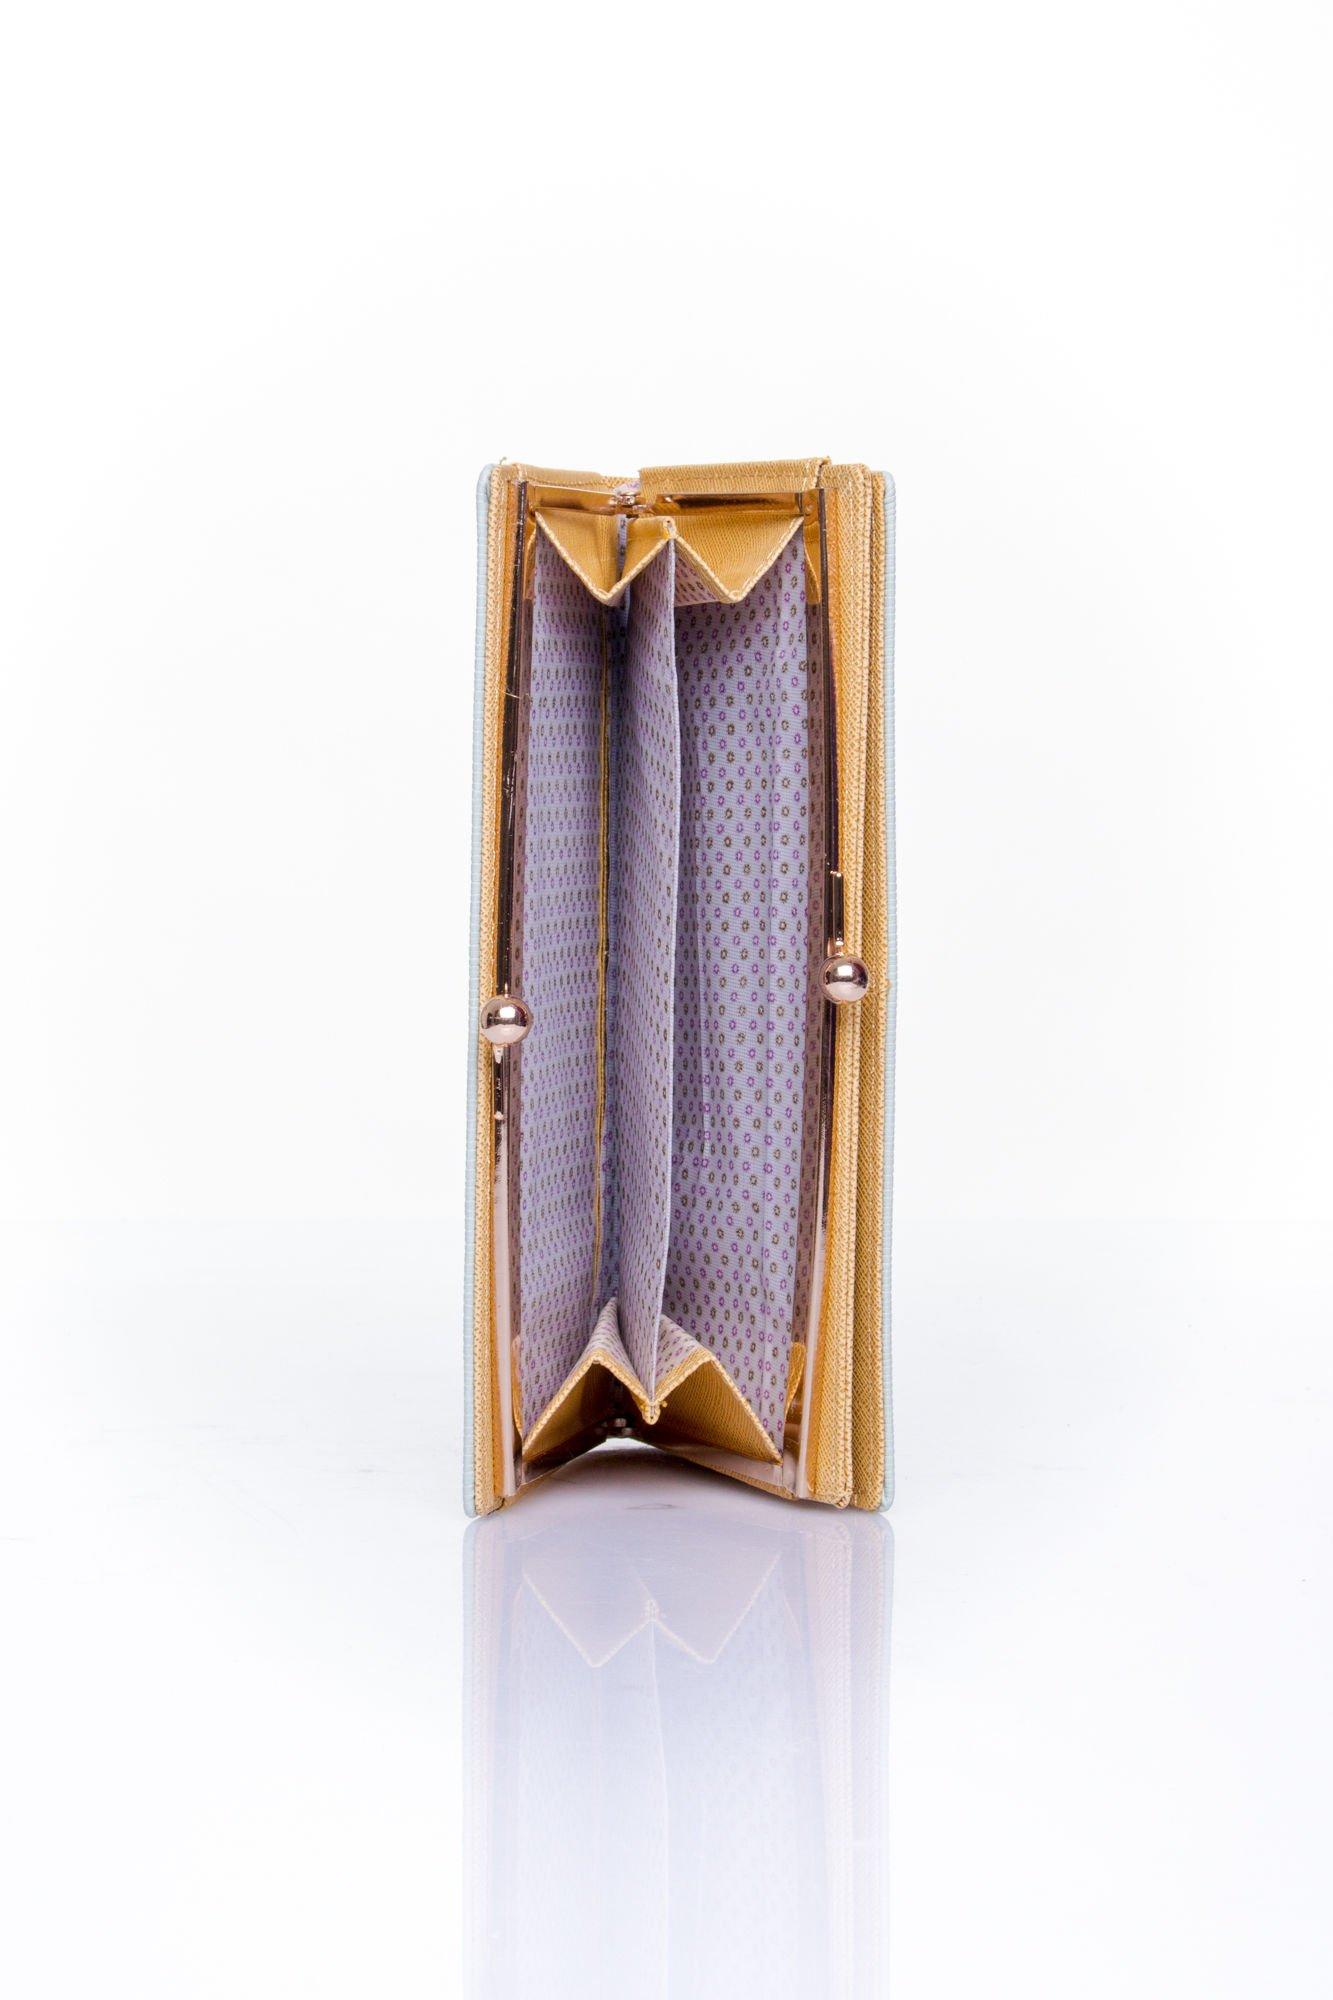 Miętowy portfel z biglem efekt saffiano                                   zdj.                                  4